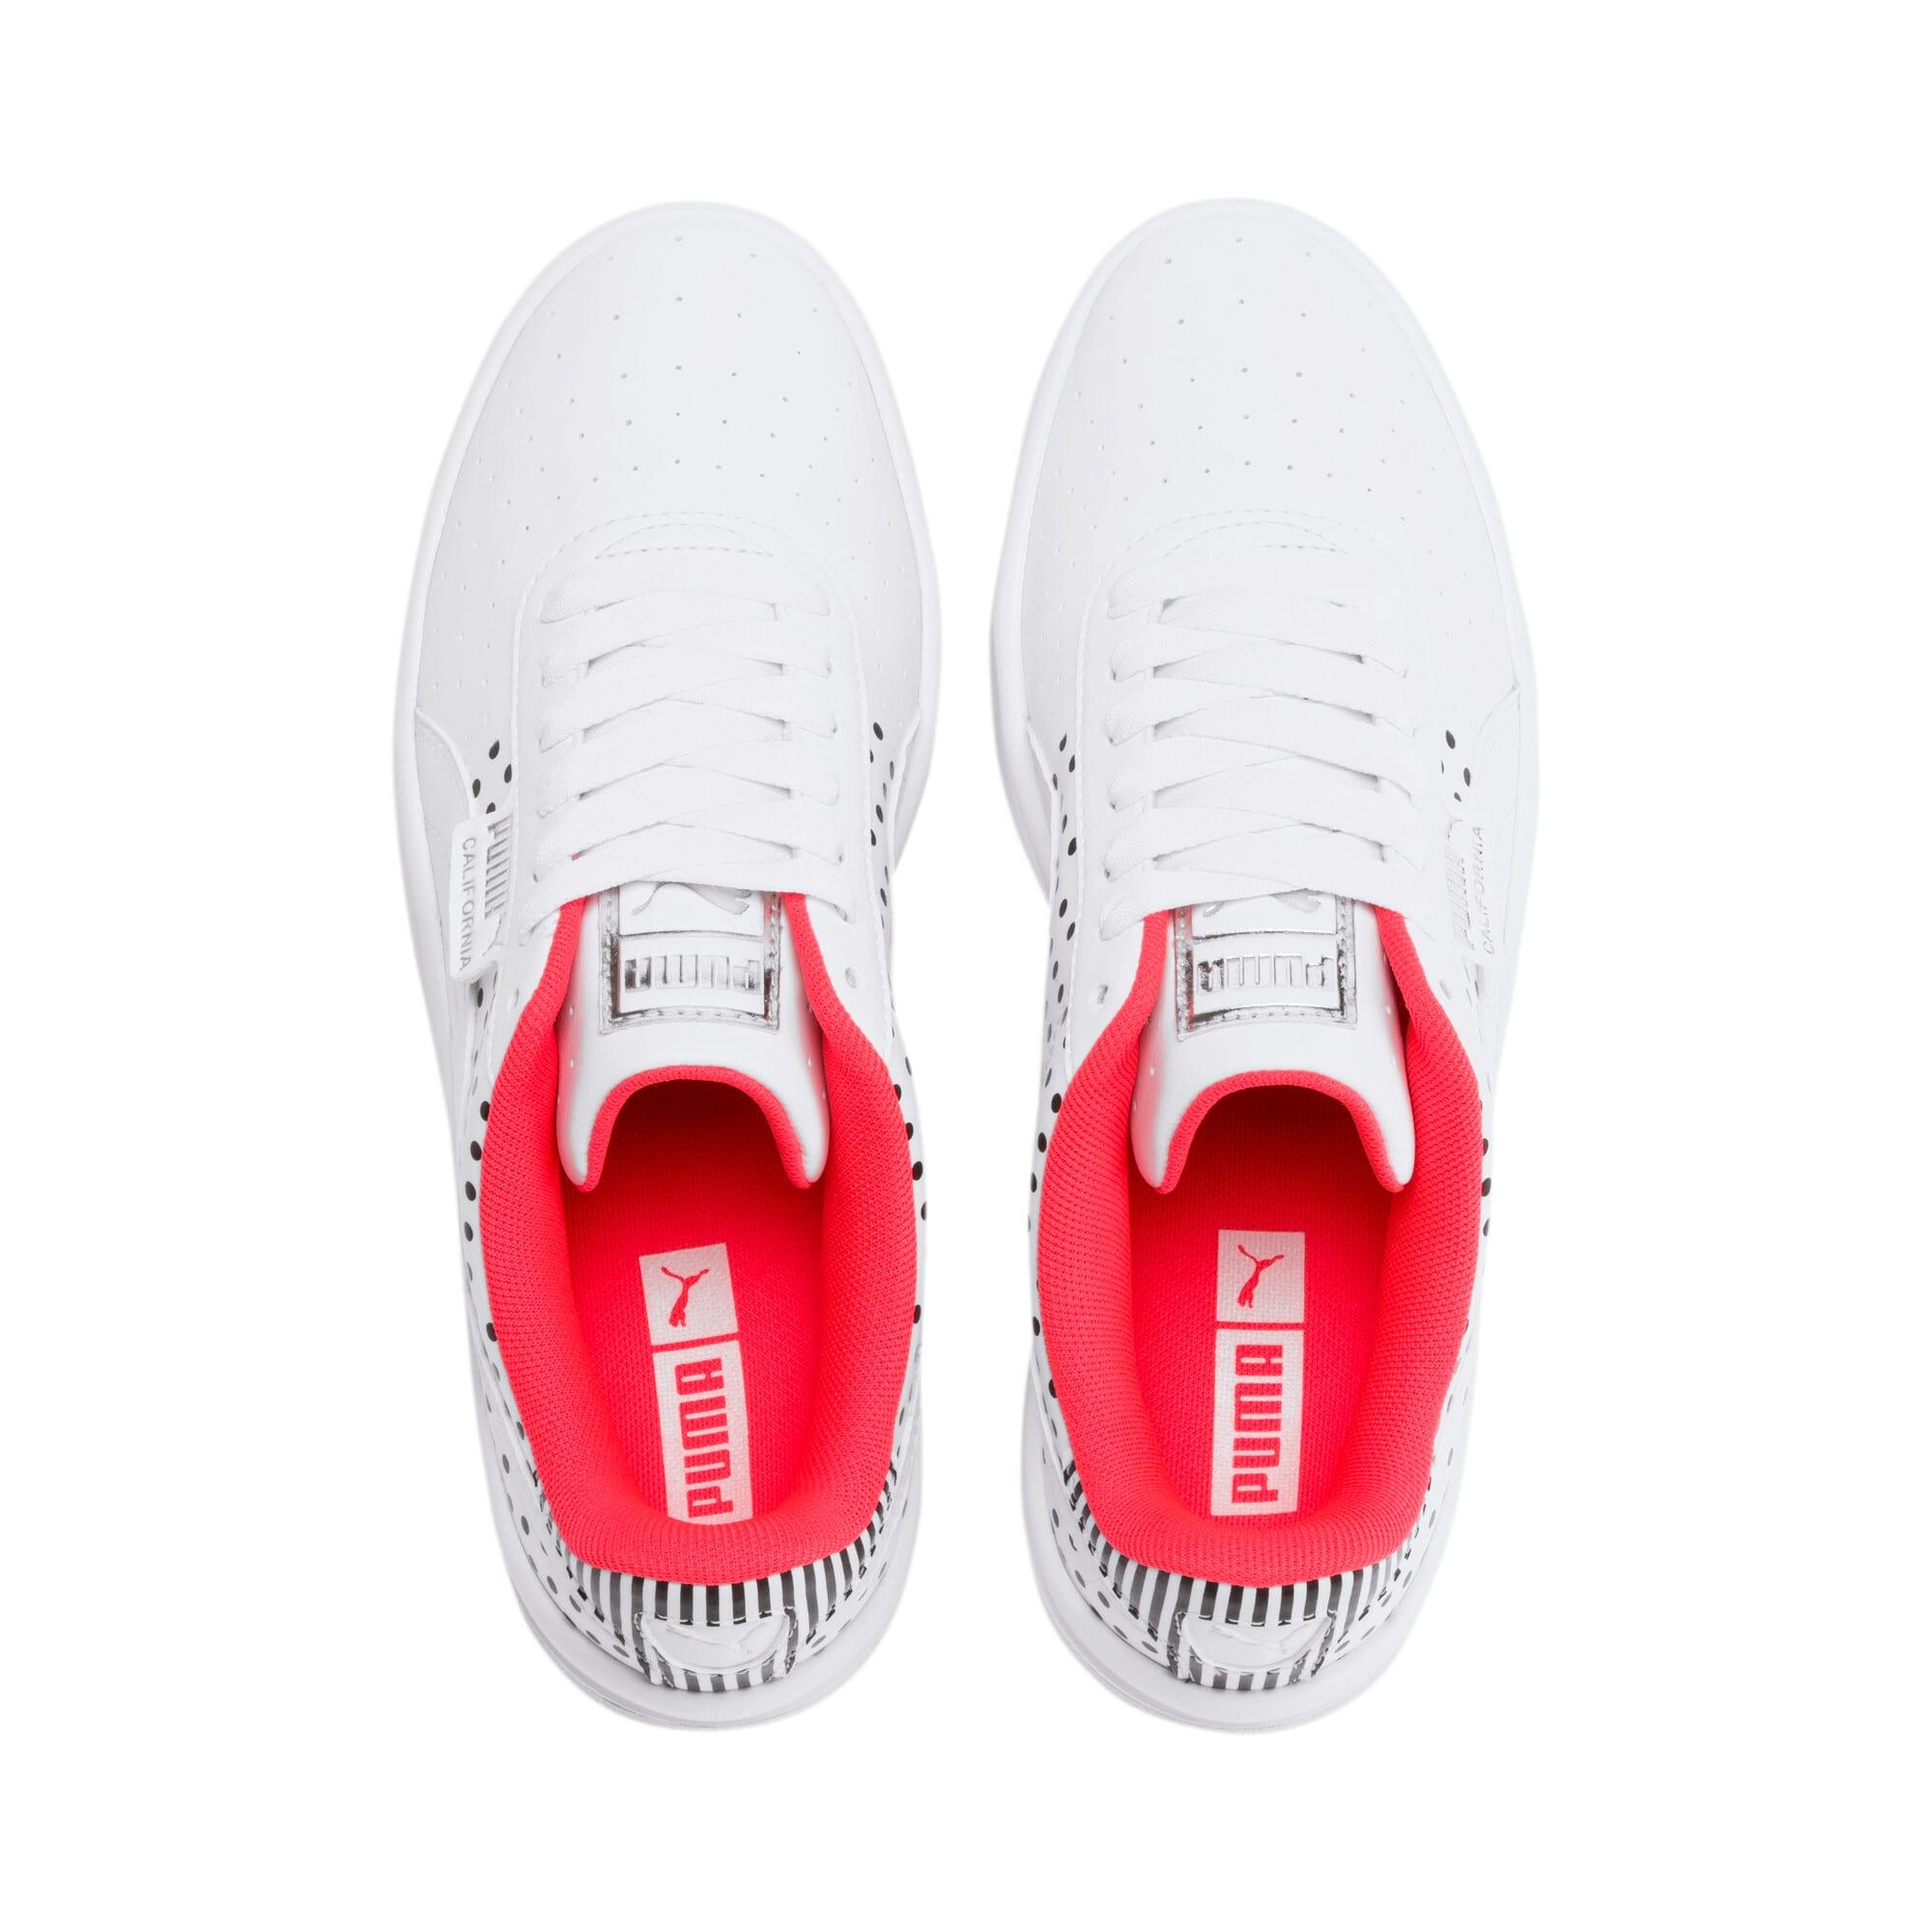 Miniatura 7 de Zapatos deportivosCalifornia Remix para mujer, Puma White-Puma Black, mediano